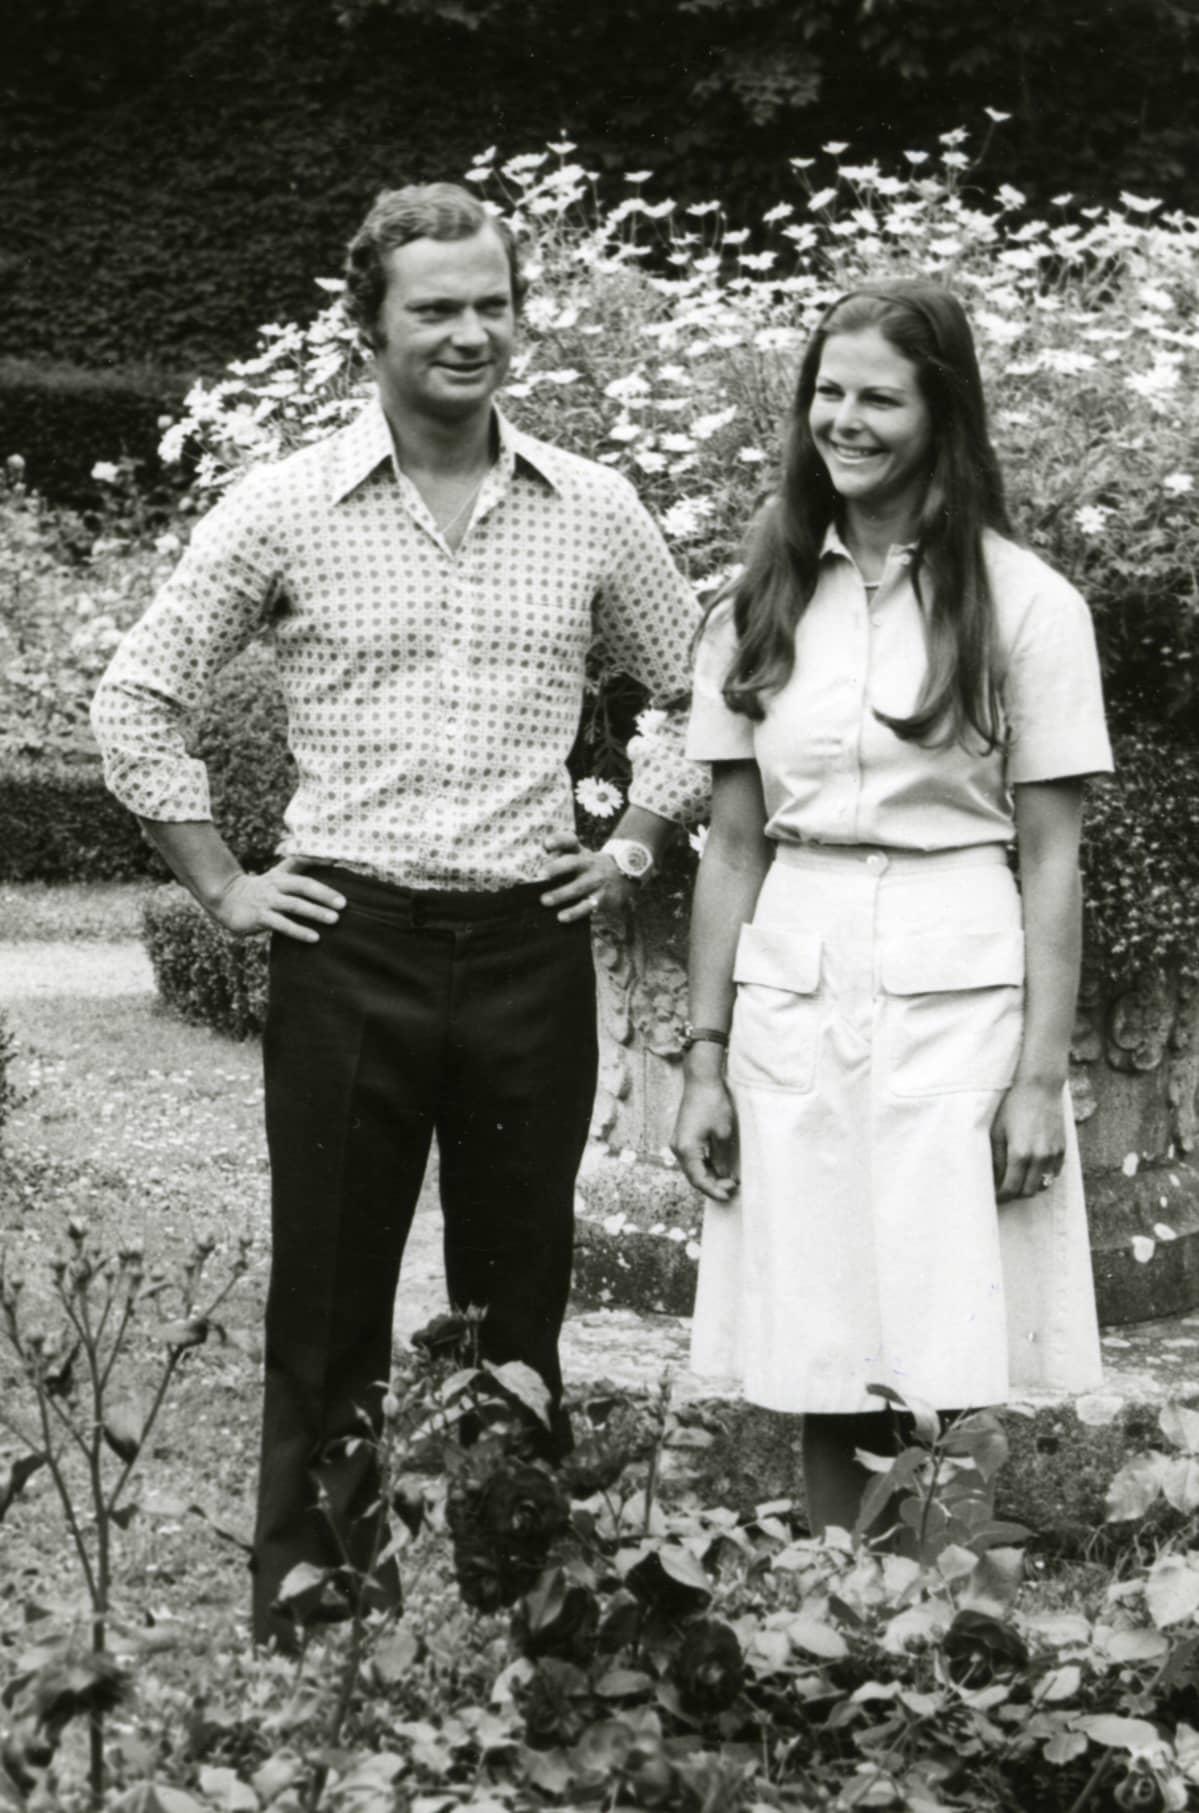 Kuningas Kaarle Kustaa ja kuningatar Silvia nuorina puutarhassa.